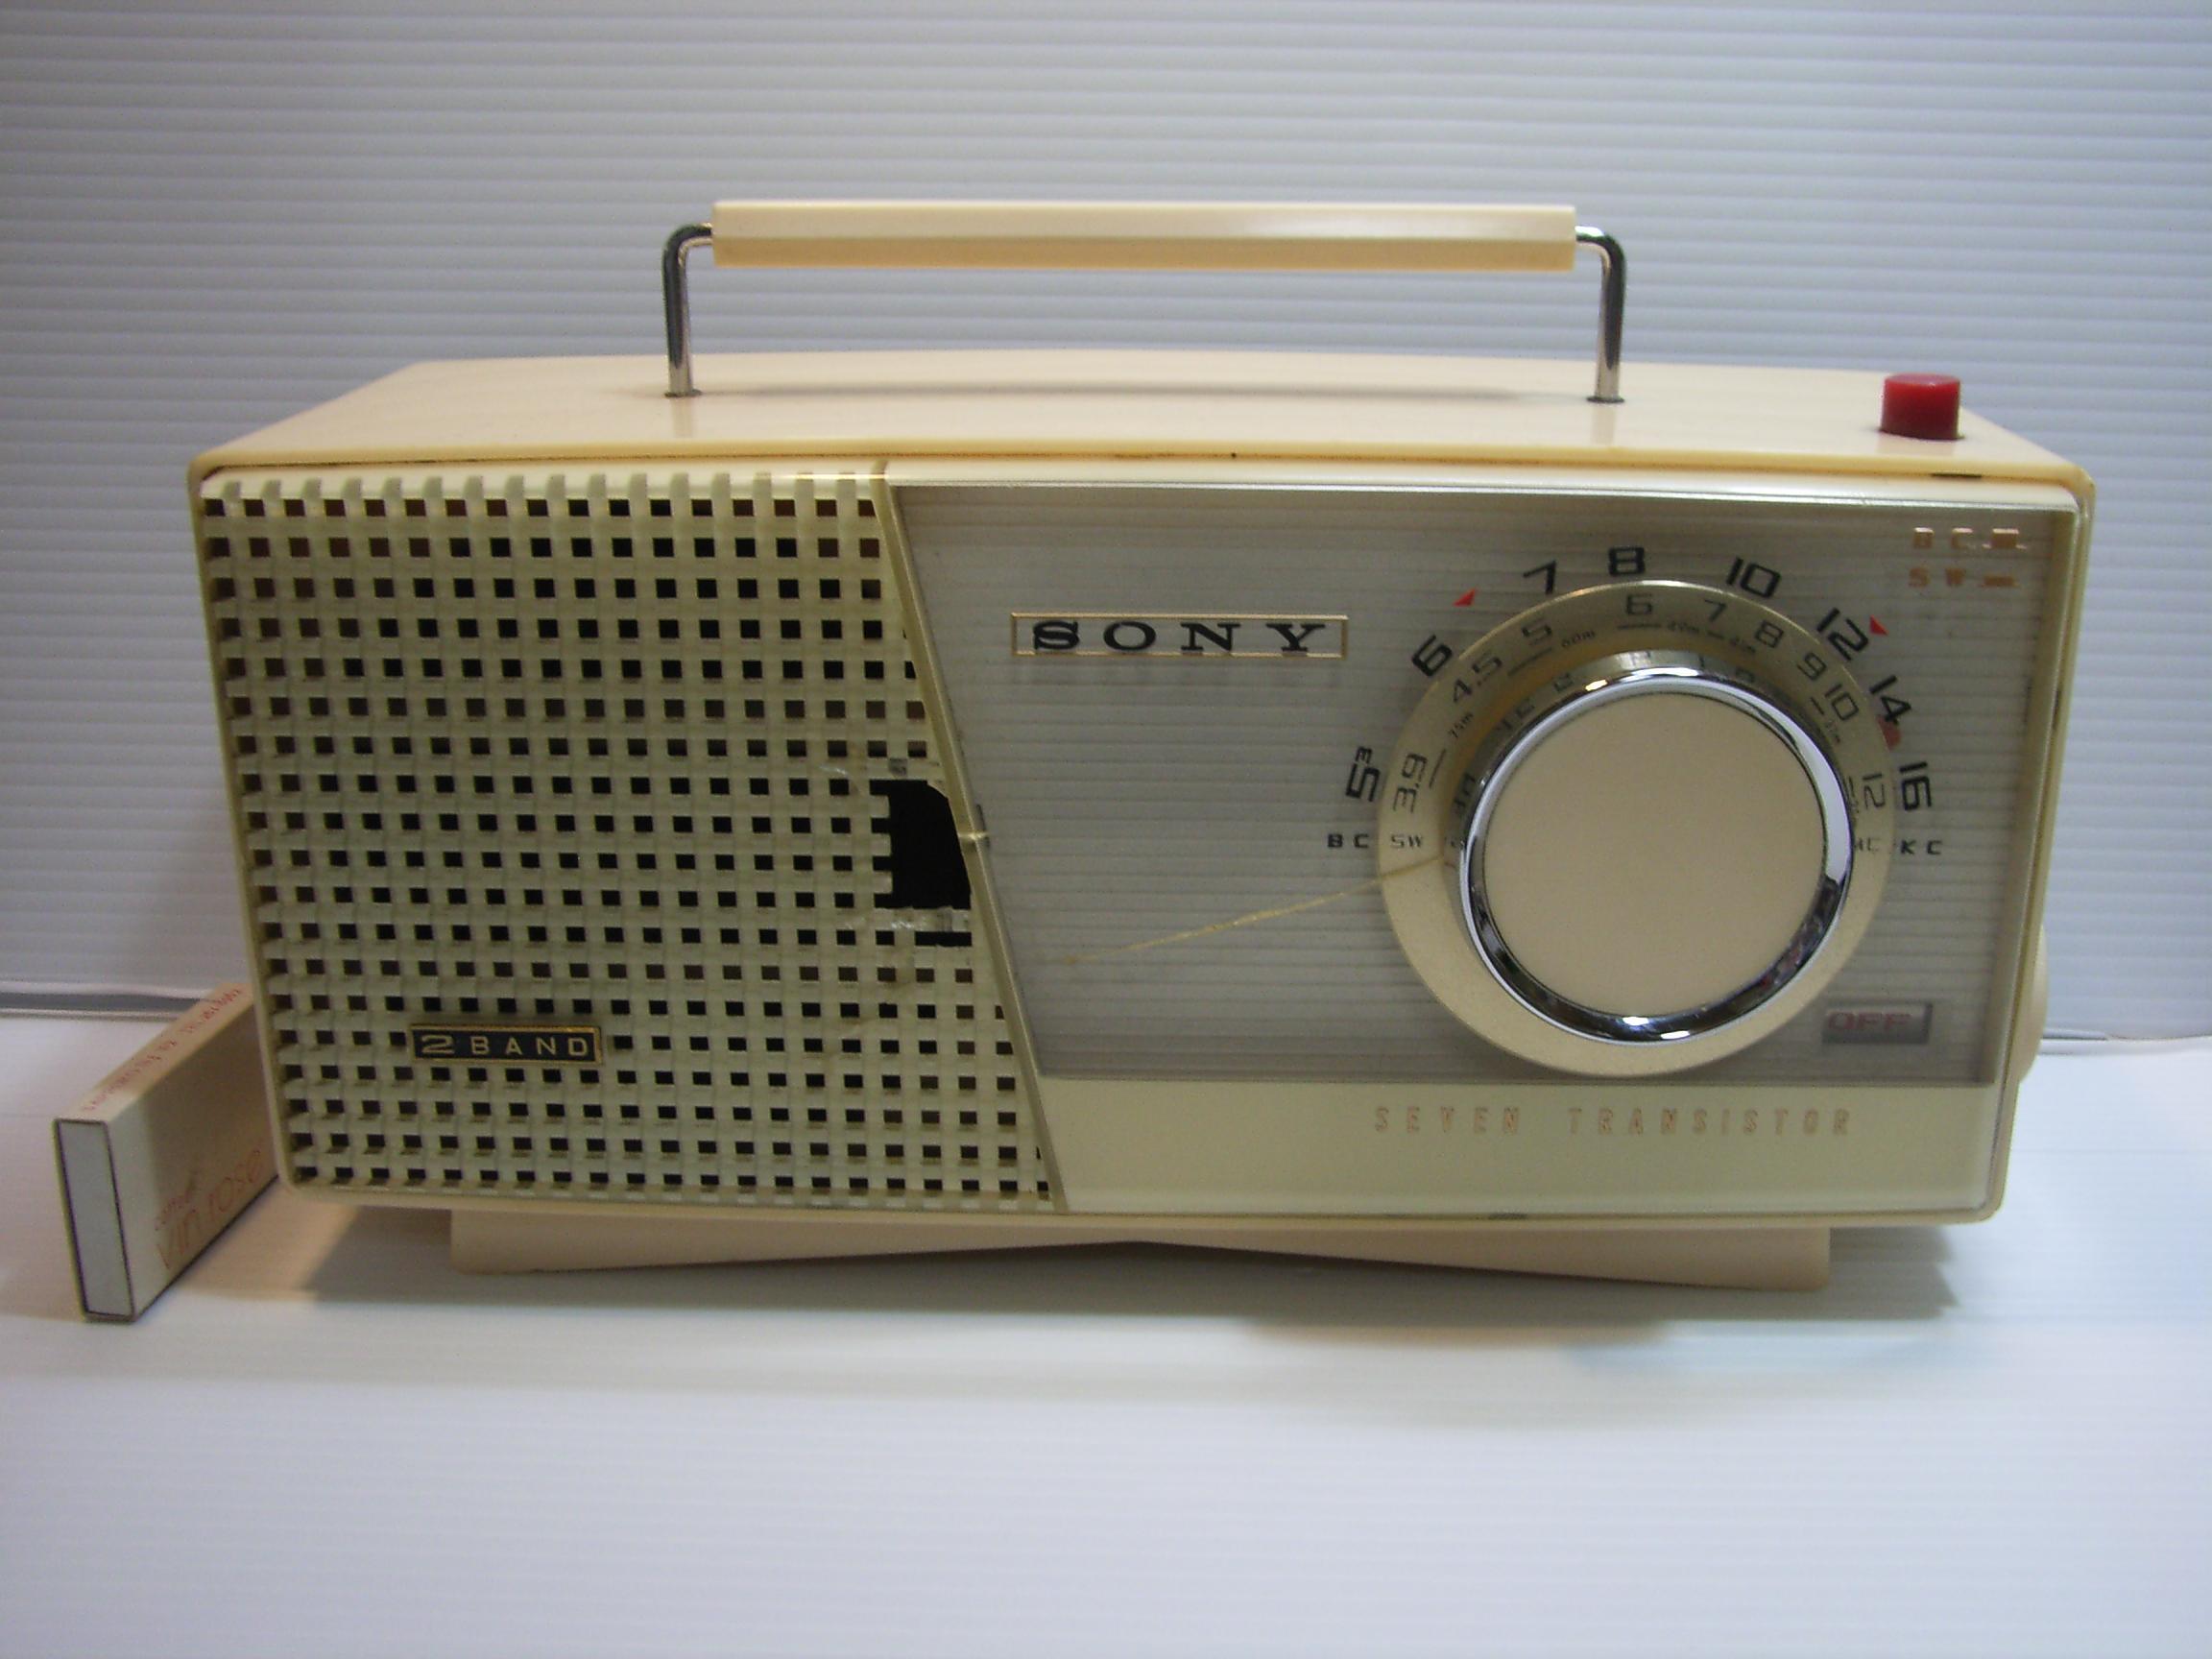 ソニー☆セブントランジスター ラジオ 横幅28.8cm JAPAN 動作確認済 現状 【TO2810】